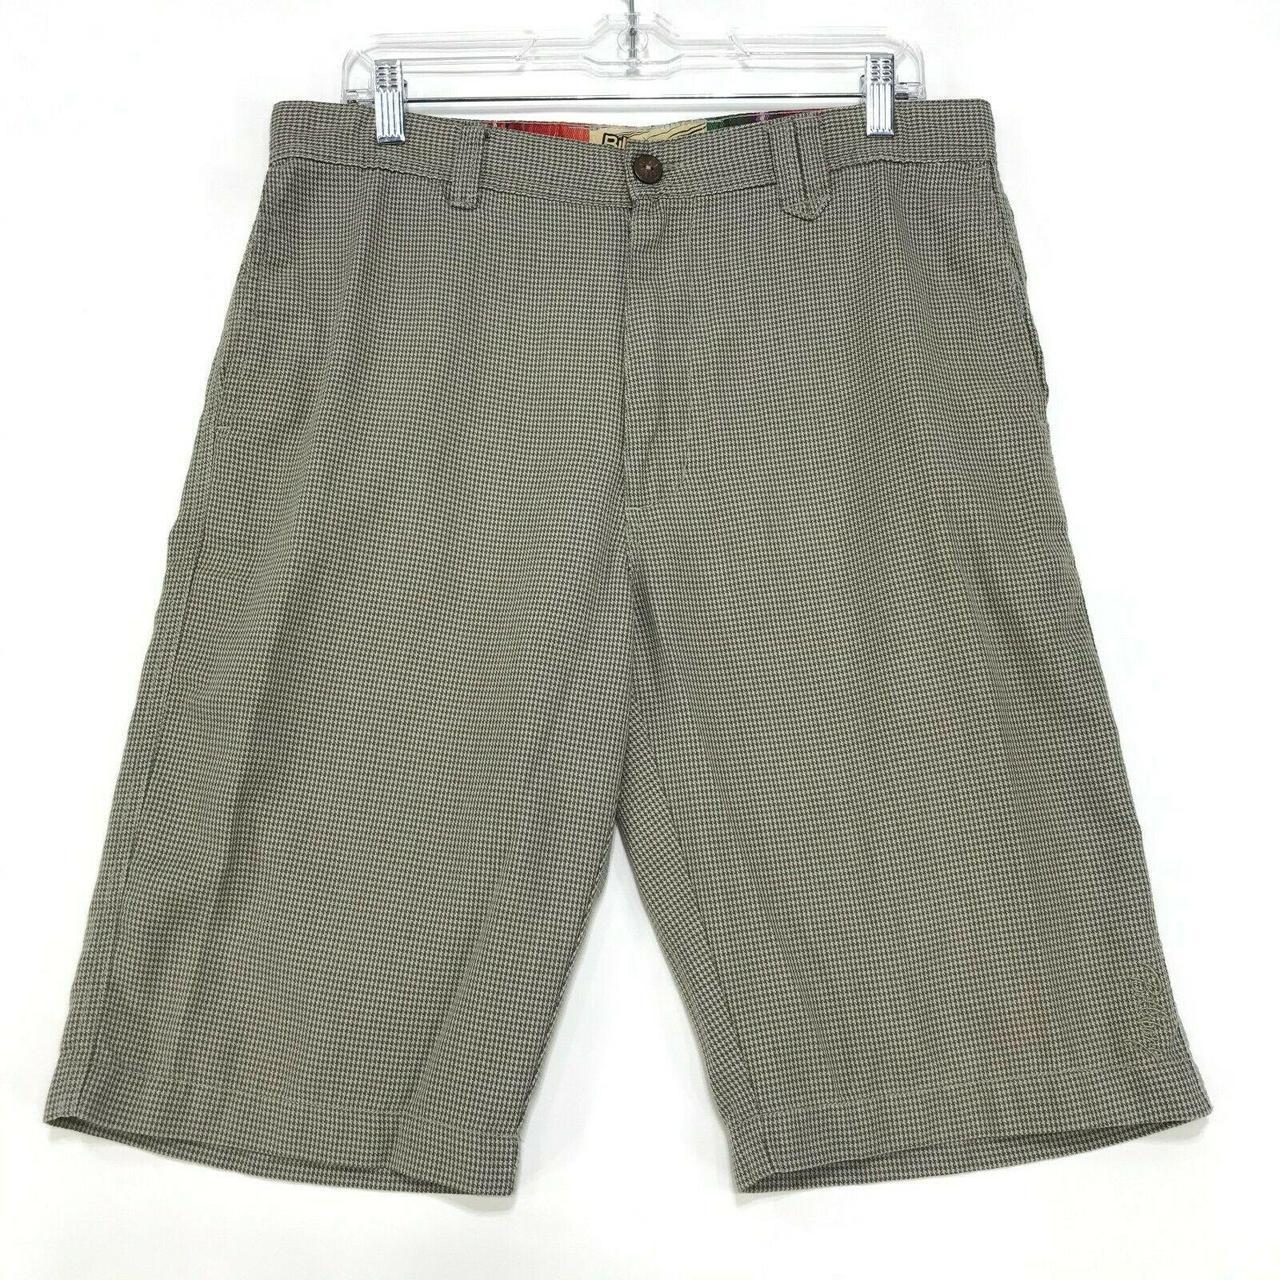 Product Image 1 - Billabong Flat Front Shorts Mens